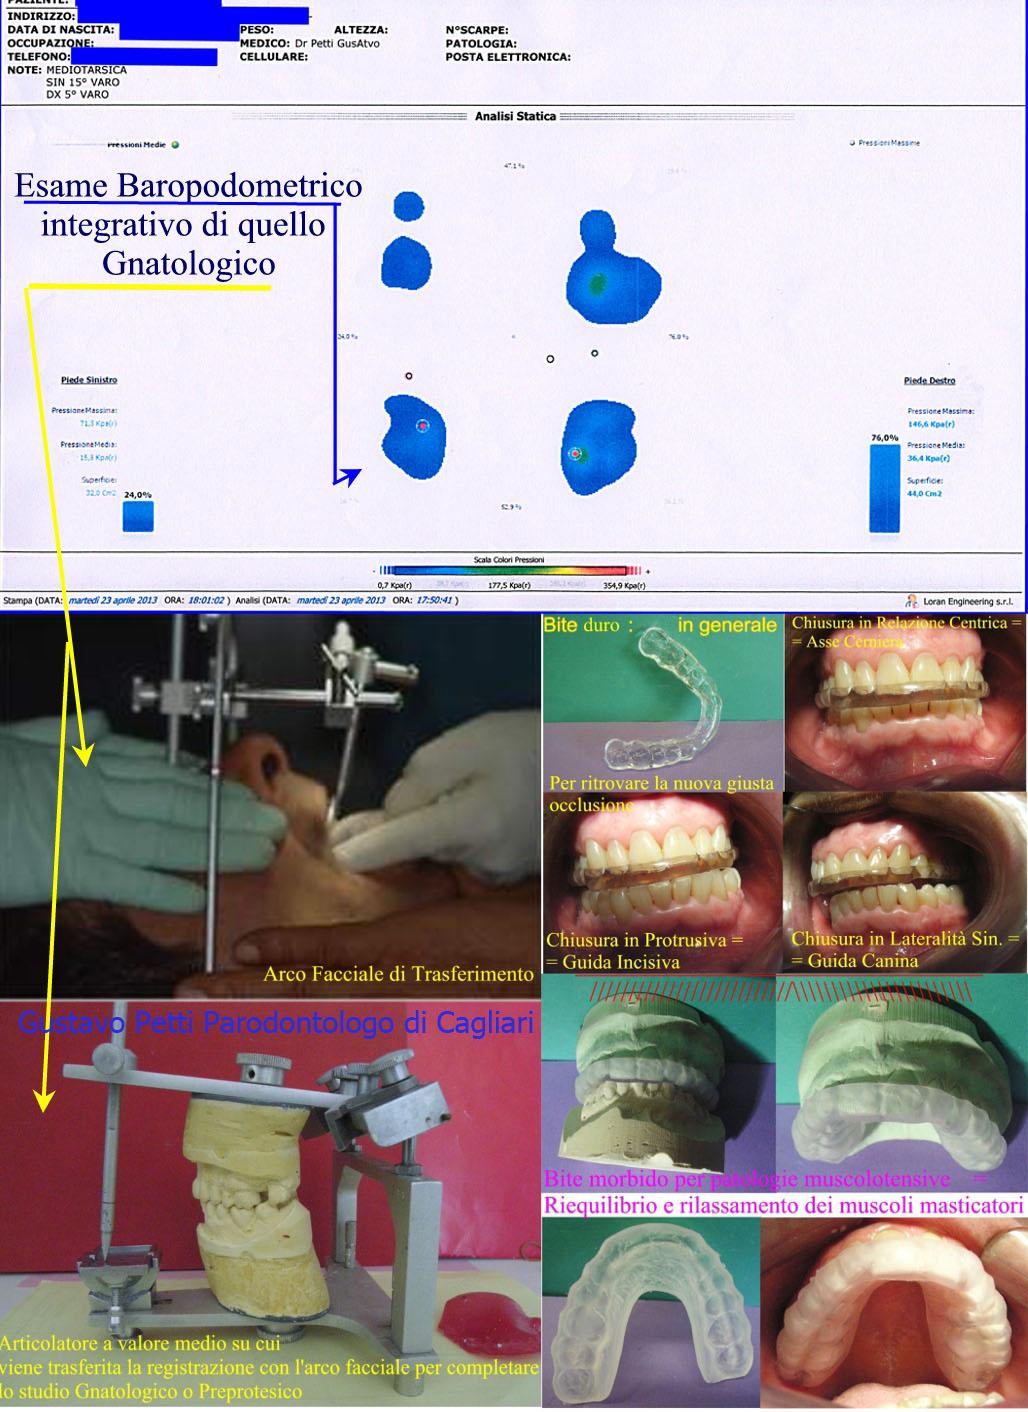 gnatologia-dr-g.petti-cagliari-155.jpg